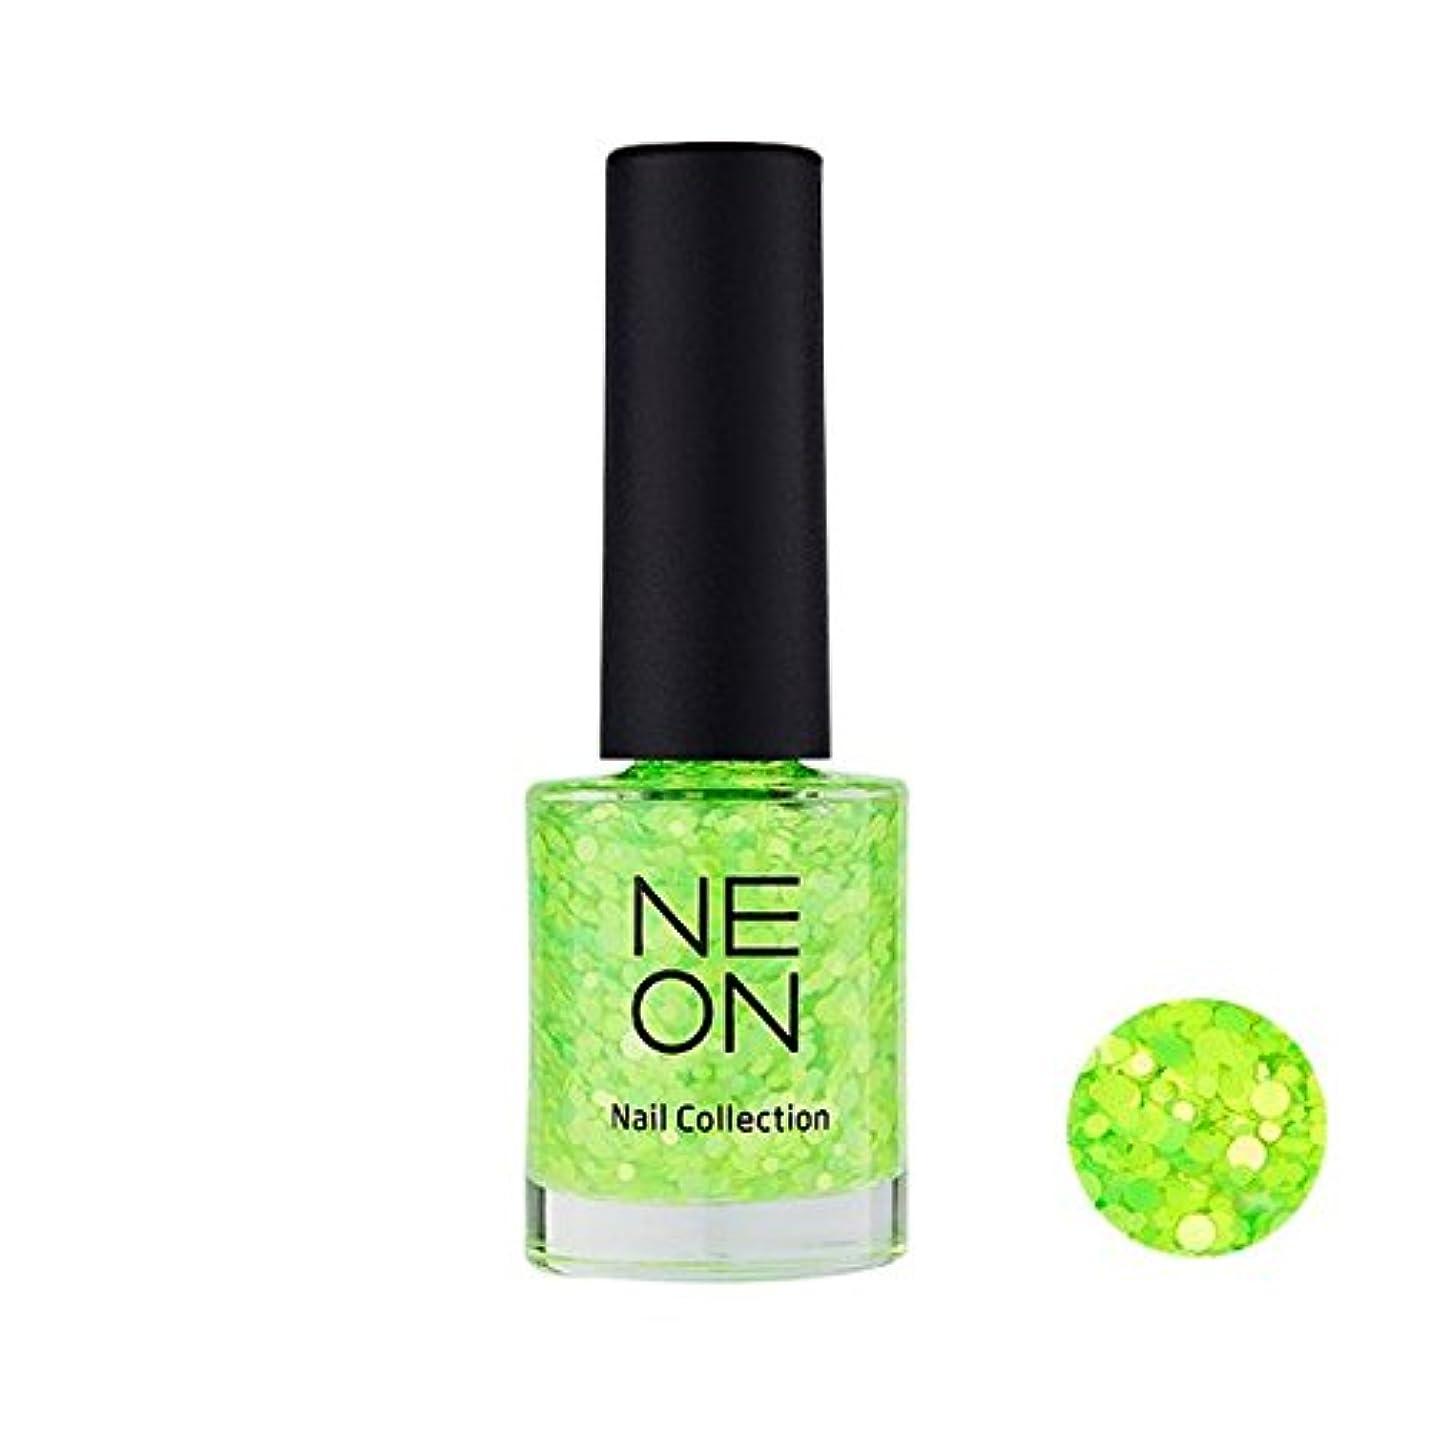 ラベル十代の若者たち選択It'S SKIN Neon nail collection [04 Neon Glitter green] イッツスキン ネオンネイルコレクション [04 ネオン グリッター グリーン] [並行輸入品]